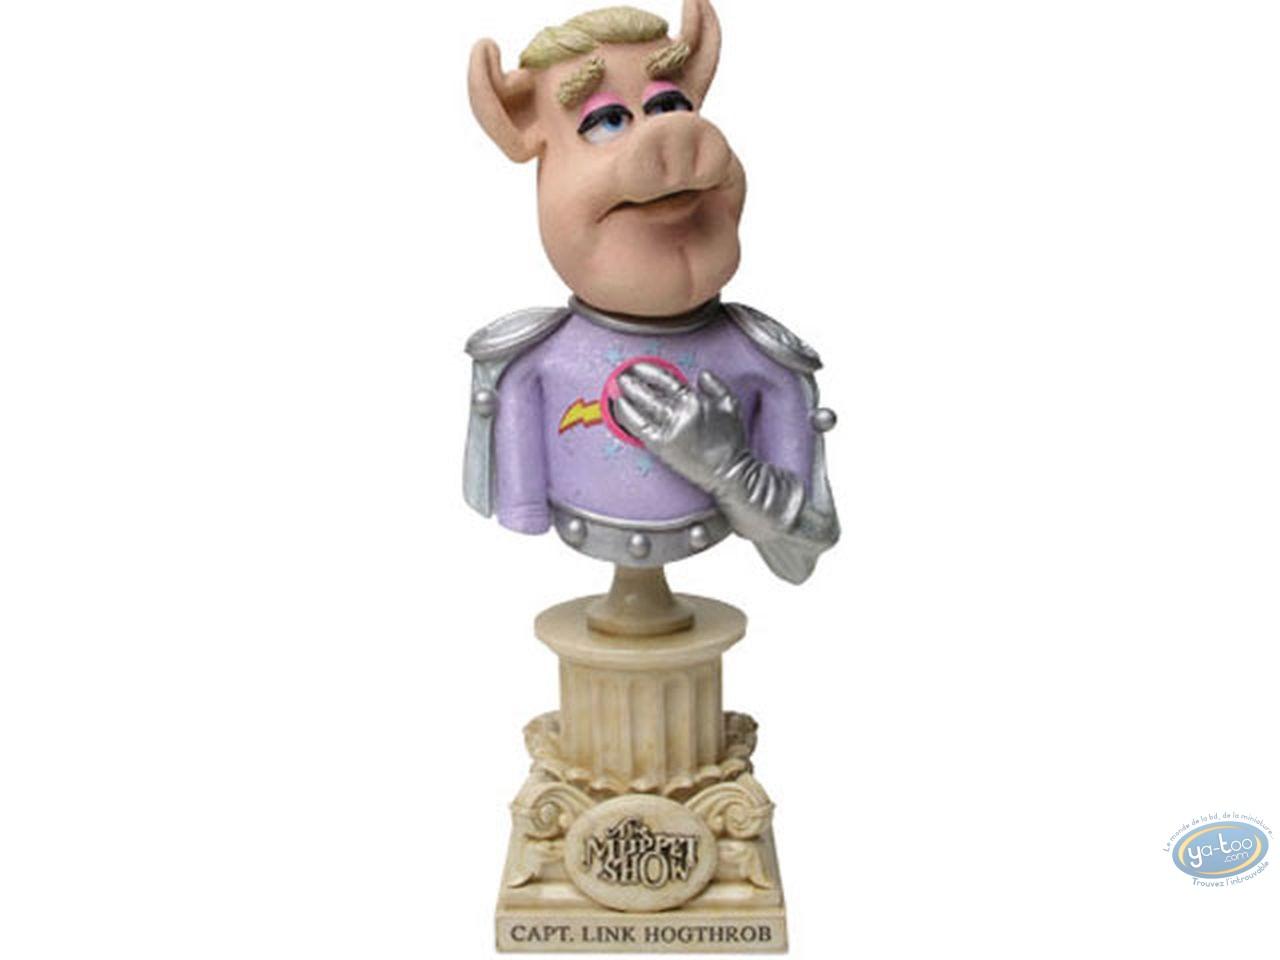 Resin Statuette, Muppet Show (Le) : Capt. Link Hoghtrob bust